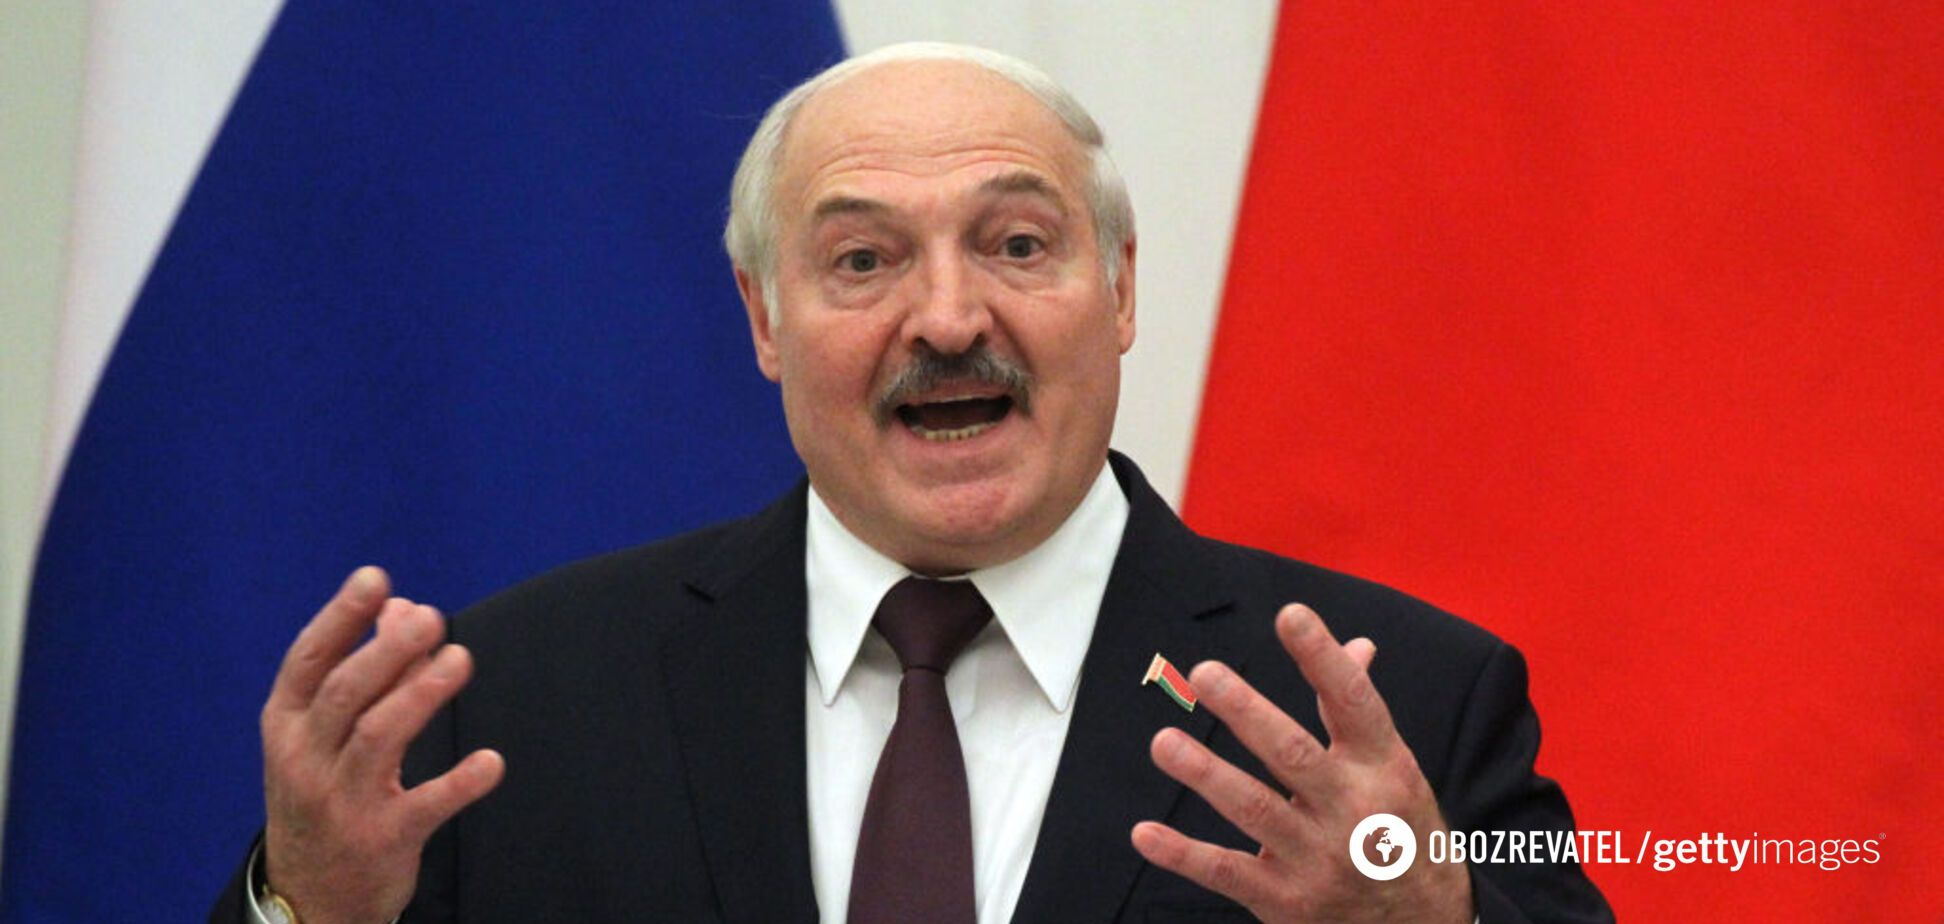 Лукашенко заявил, что COVID-19 подавил грипп и может стать лекарством от онкологии. Видео